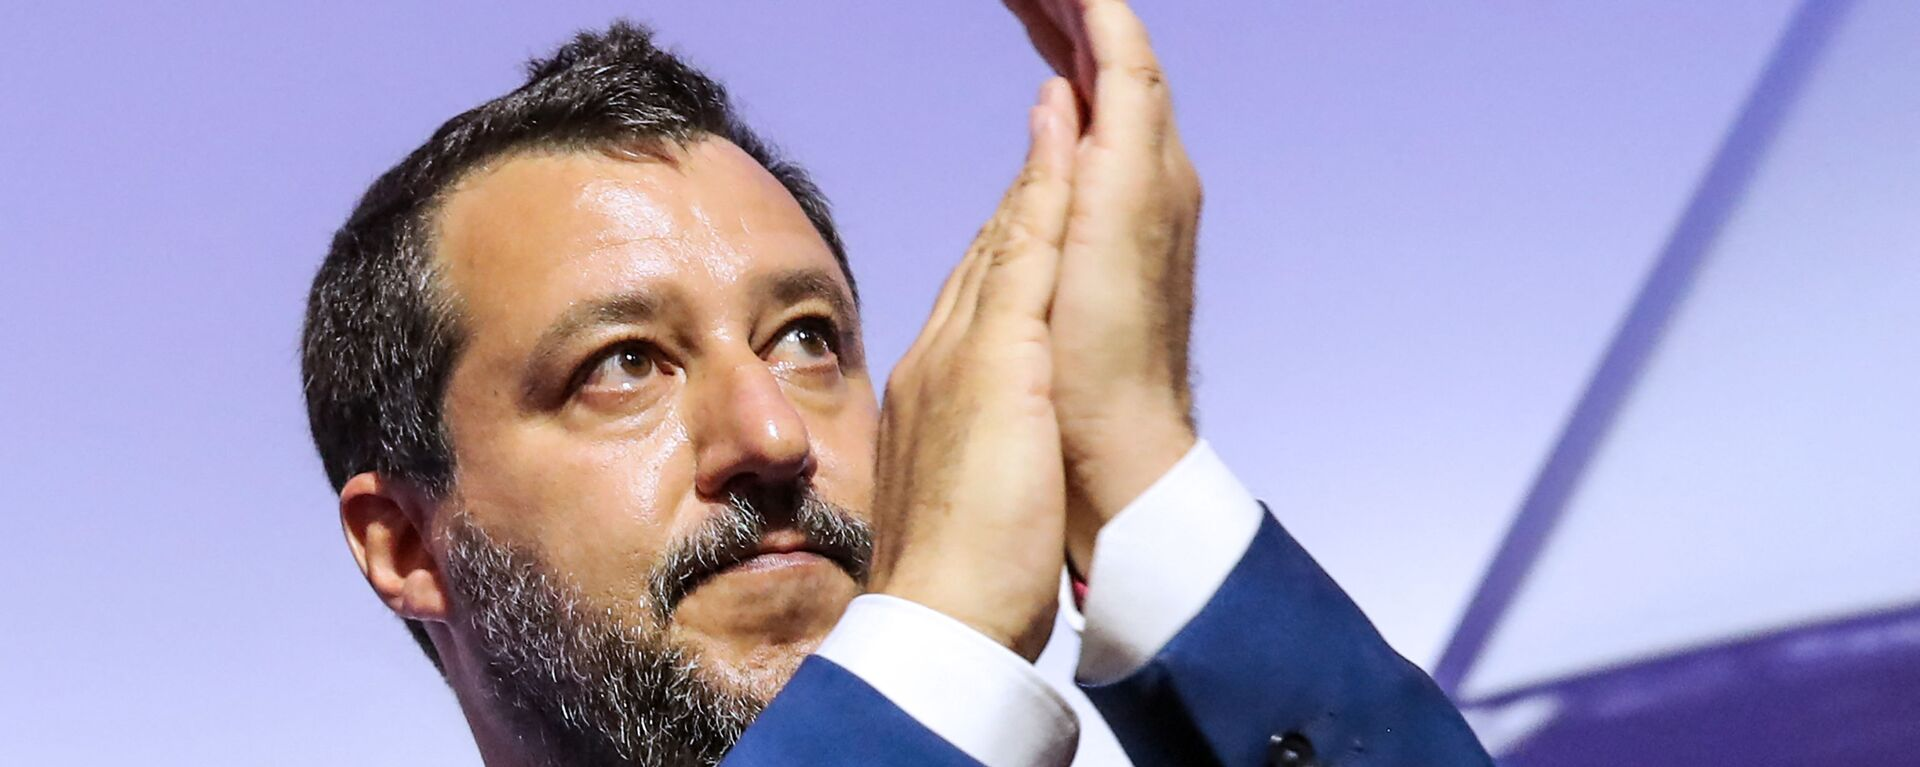 Matteo Salvini - Sputnik Italia, 1920, 23.08.2021